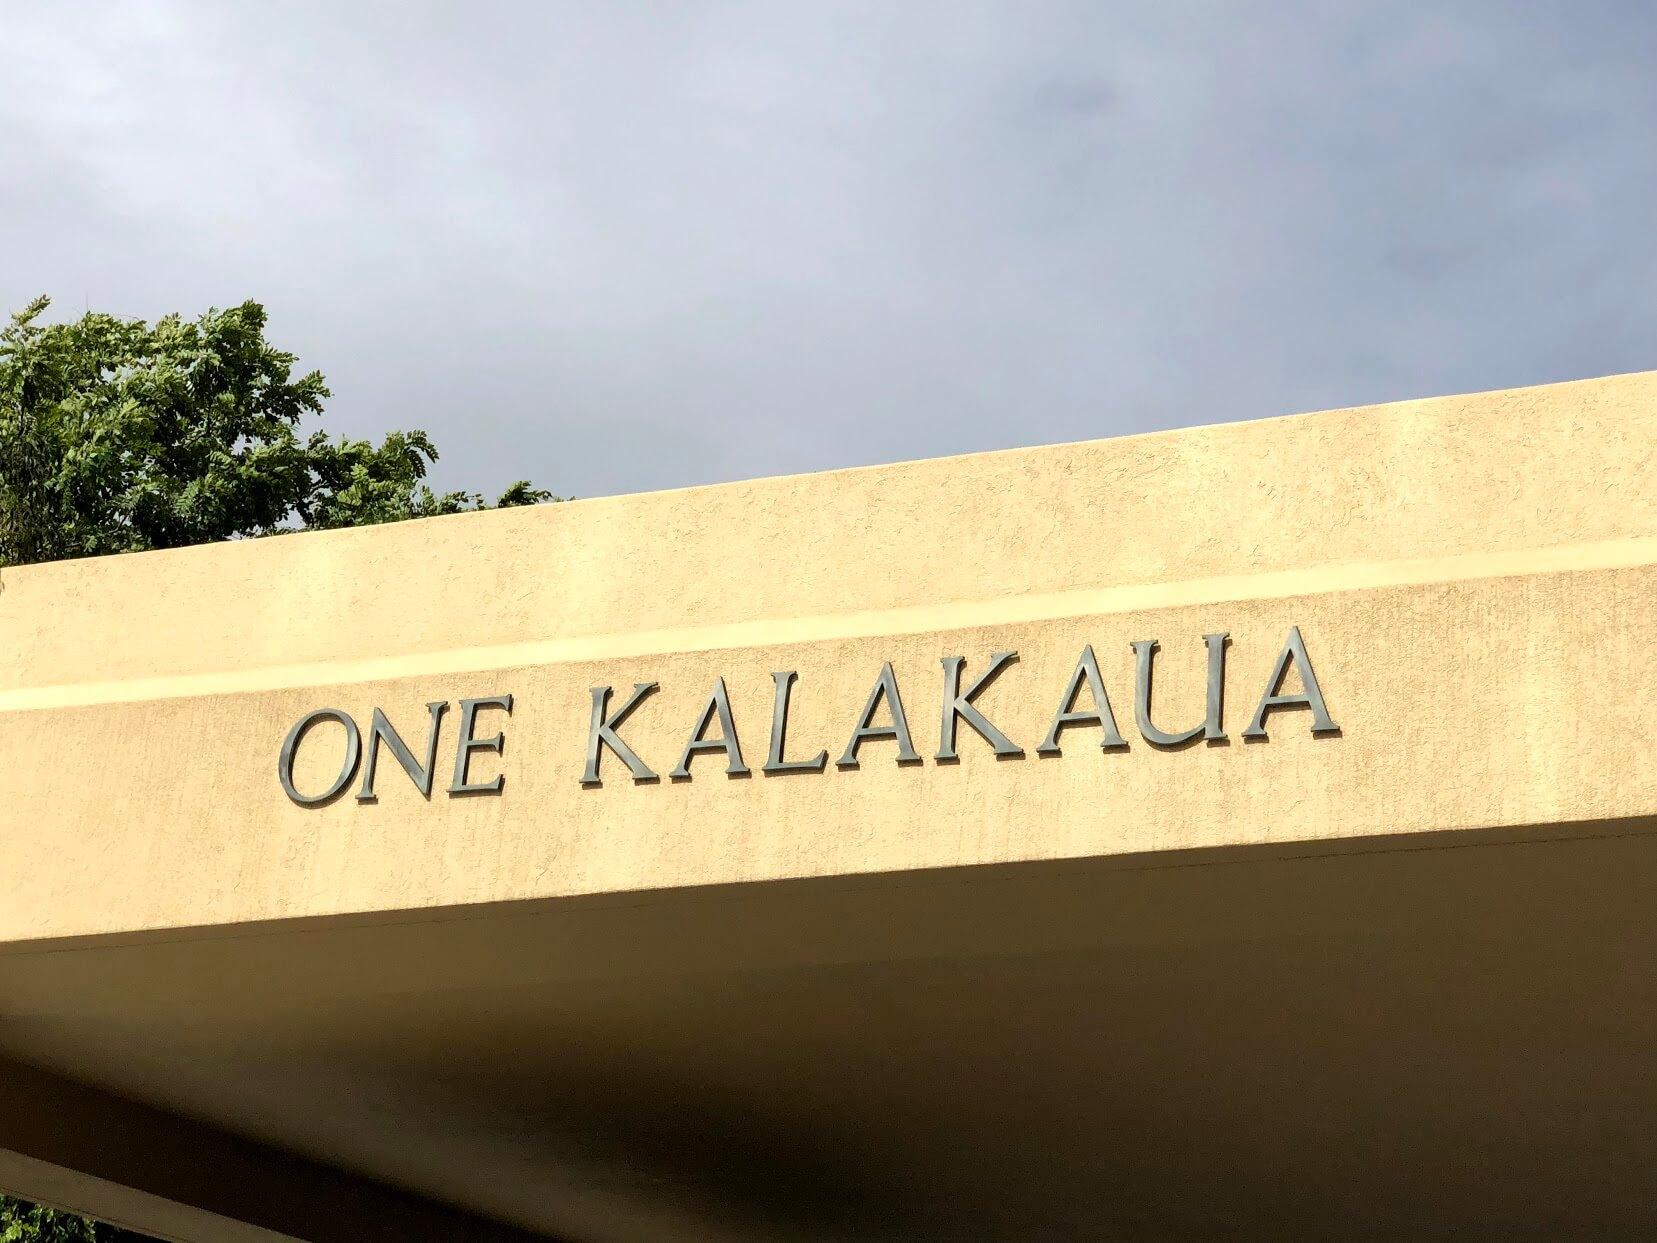 One Kalakauaの看板